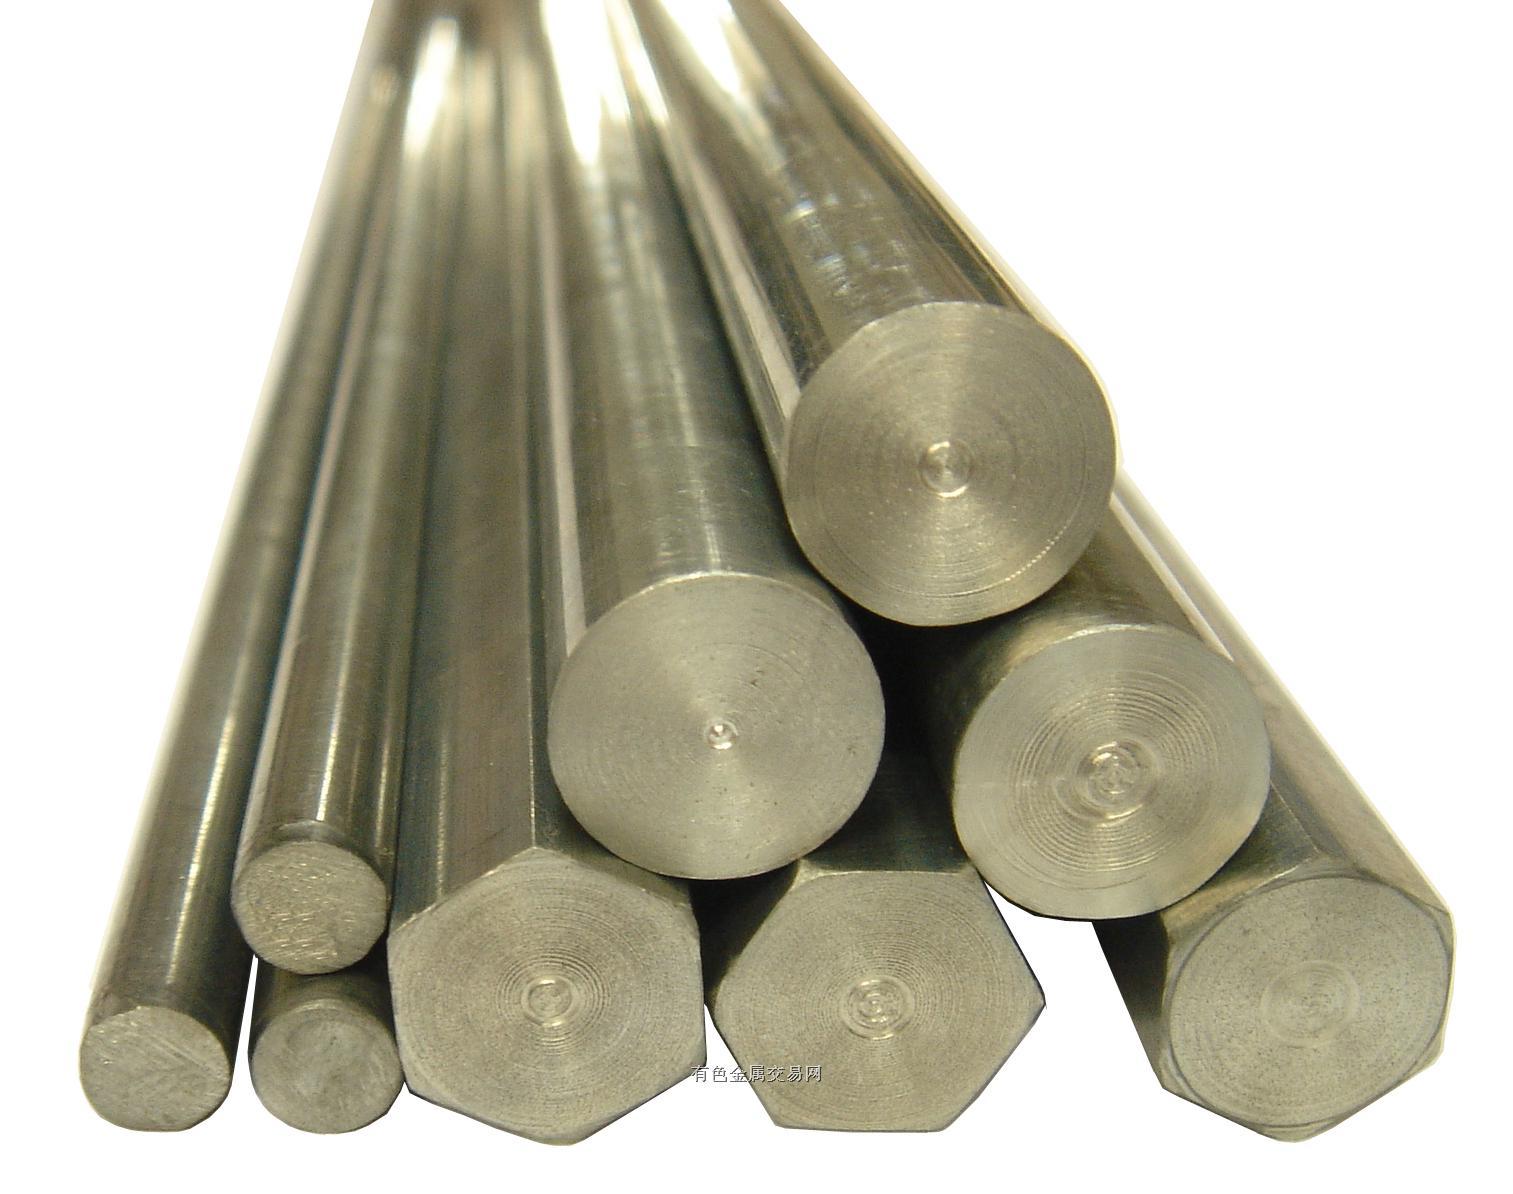 纯锌棒、锌合金棒、纯锌阳极、锌合金牺牲阳极棒